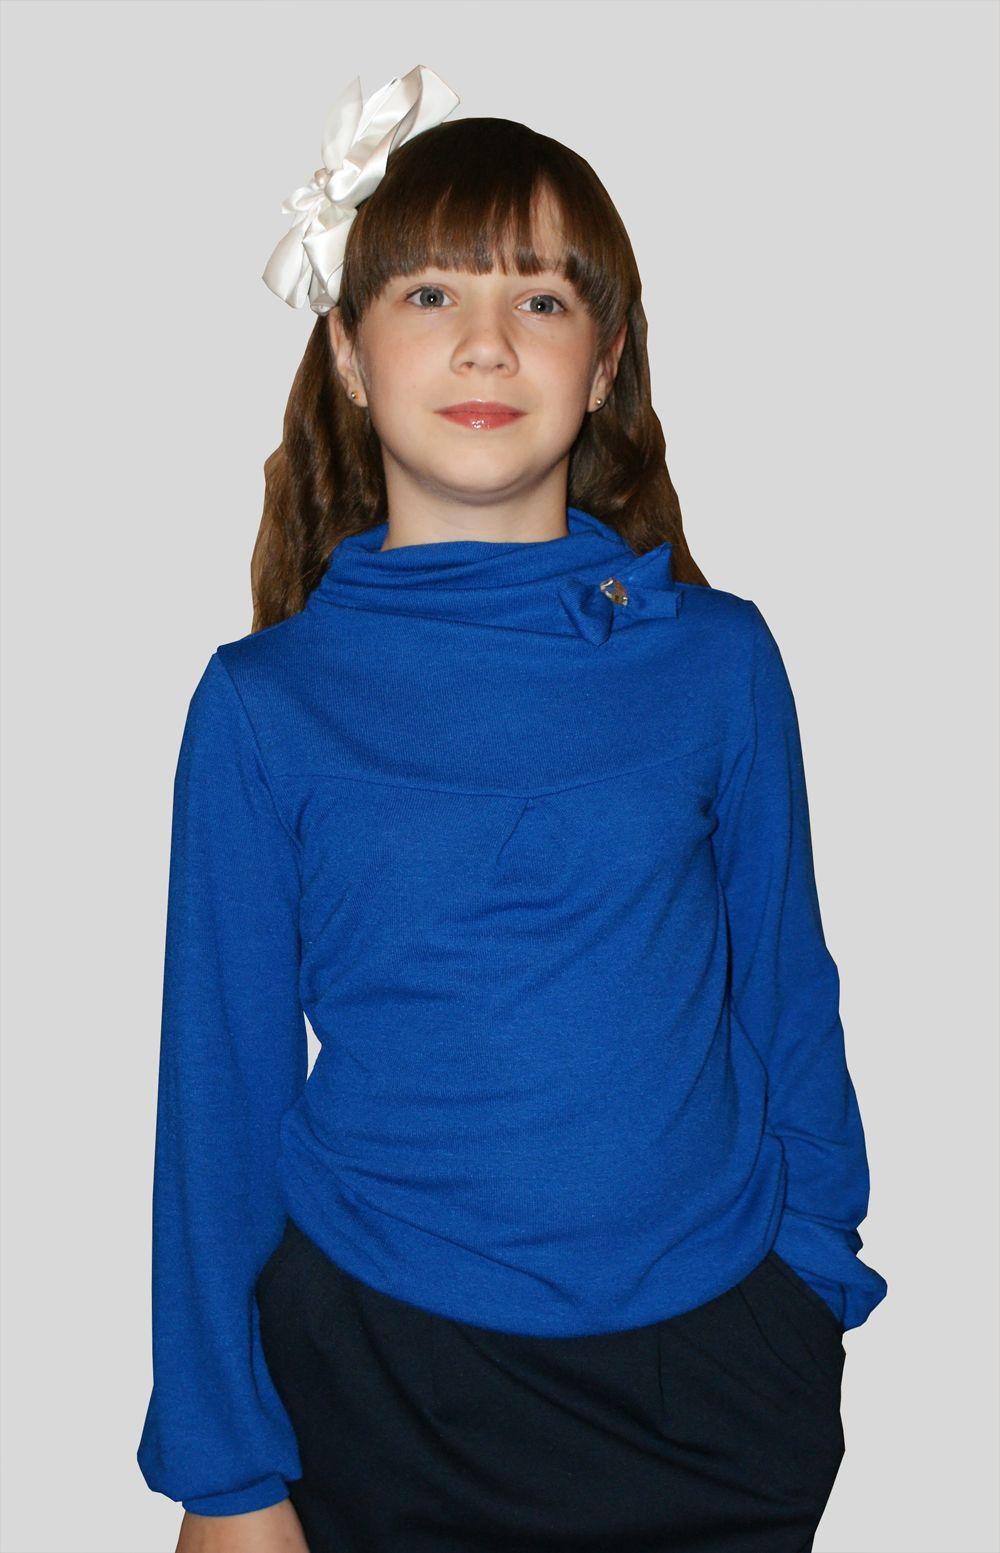 Сбор заказов. М@ттiель-16. Новая коллекция Осень/Зима. Модельки синего цвета. Есть Распродажа! Нарядные блузки для школы от 295руб. Любые размеры от 98 до 158 роста без рядов.